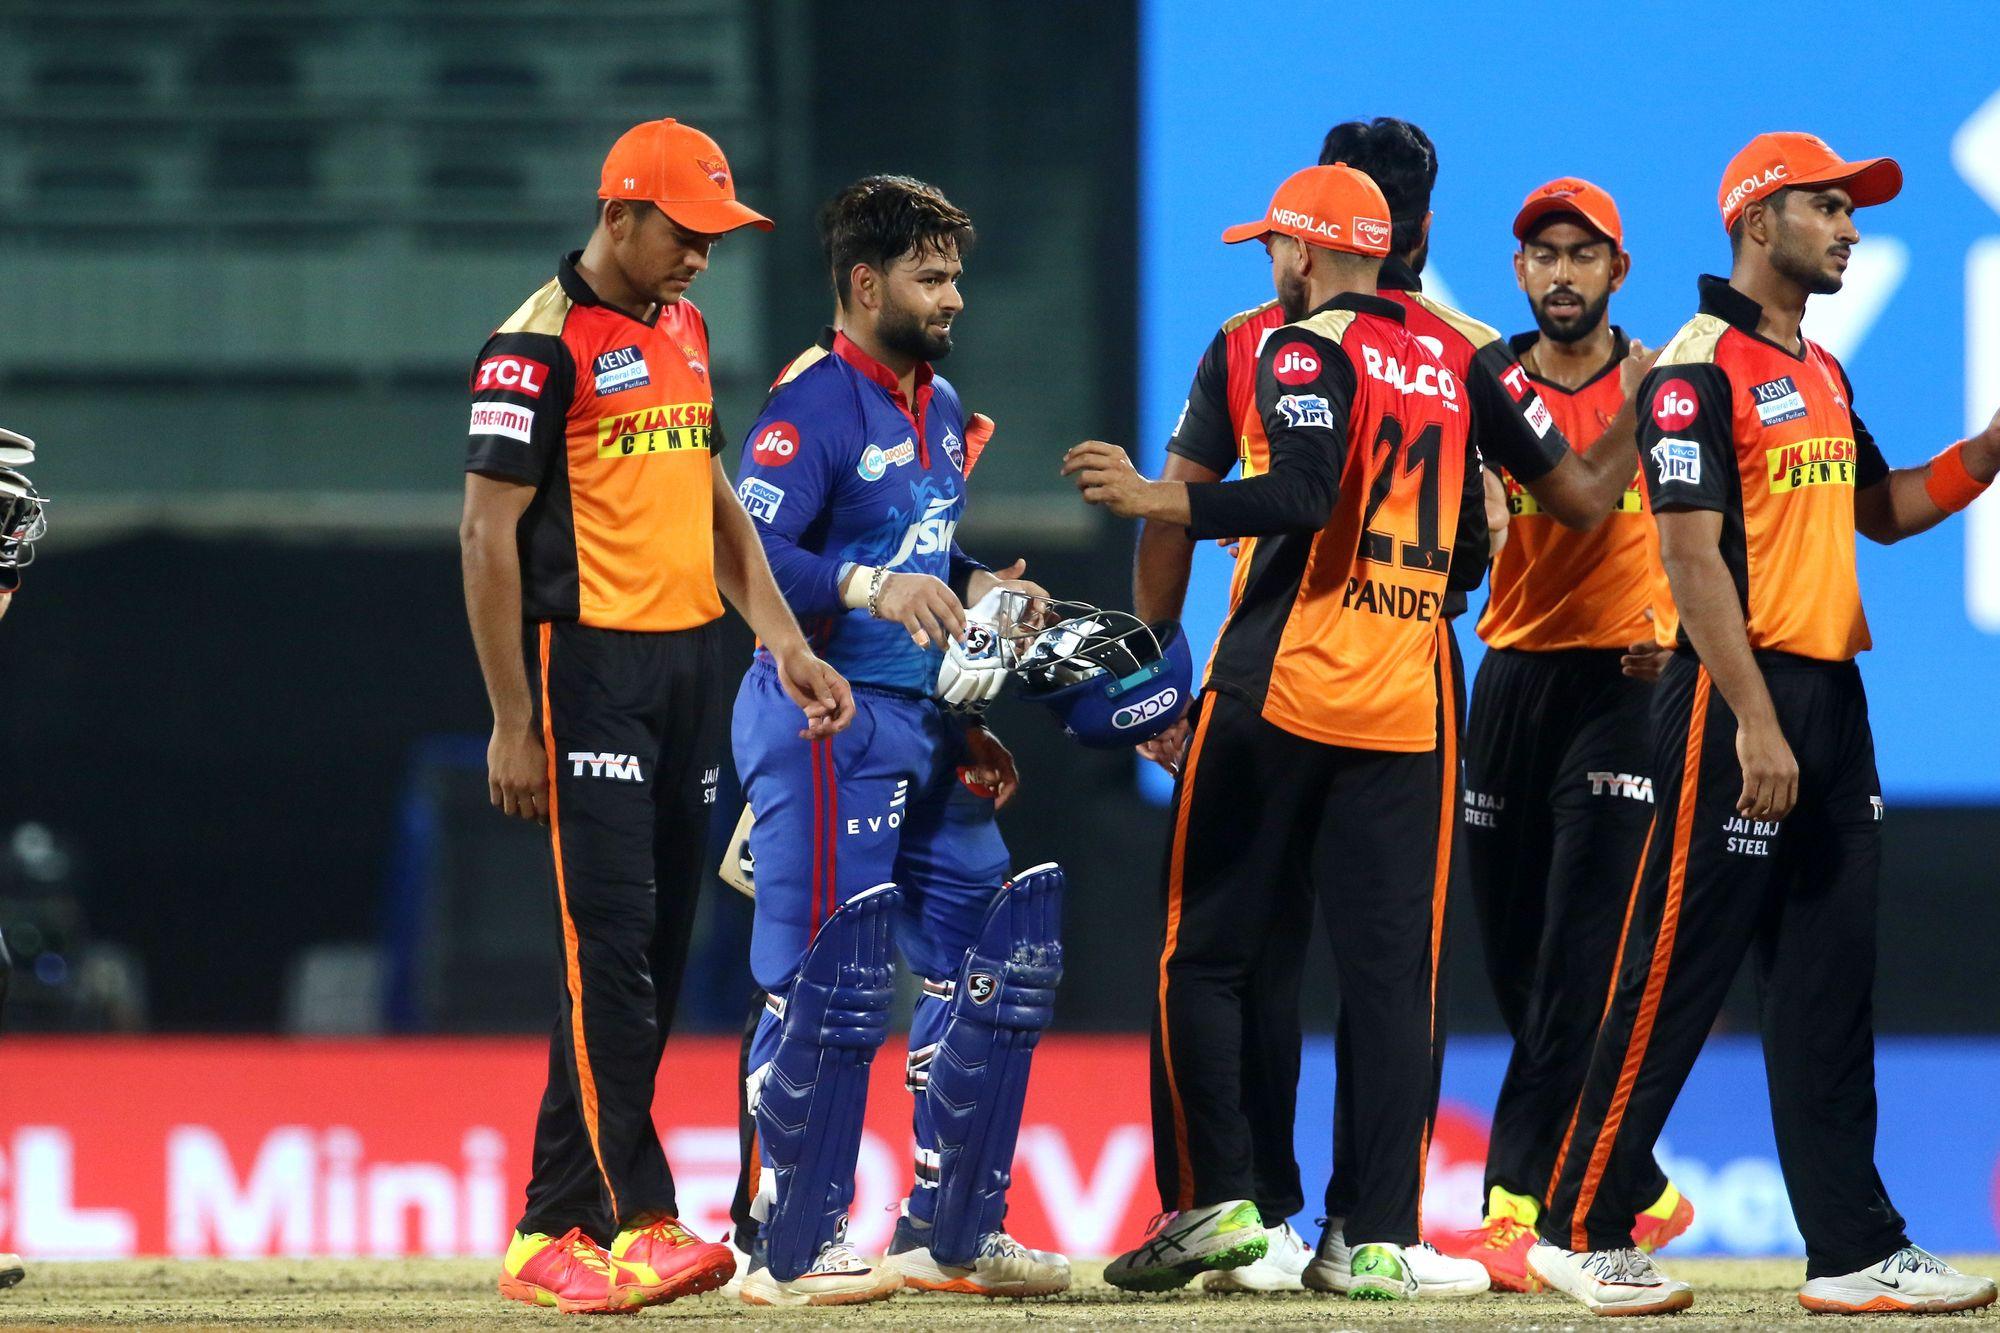 IPL 2021; SRH vs DC: টস জিতে ব্যাটিংয়ের সিদ্ধান্ত কেন উইলিয়ামসনের, টিমে এই বিরাট পরিবর্তন 1